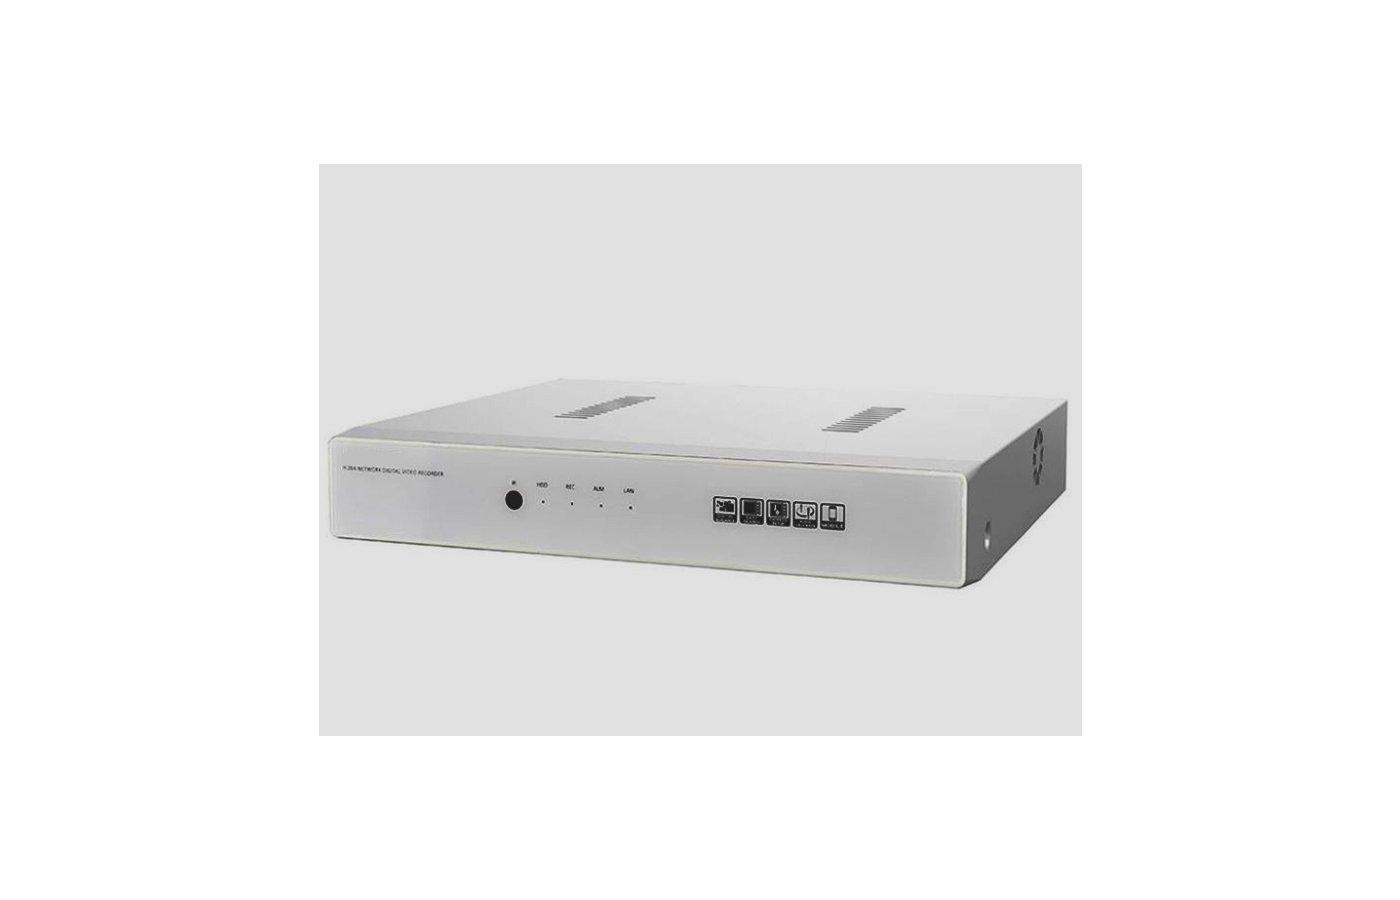 Система видеонаблюдения AVR-4X1080N-Н1 4-канальный гибридный видеорегистратор RealTime 1080N, HDD-1X2TB, HDMI, VGA